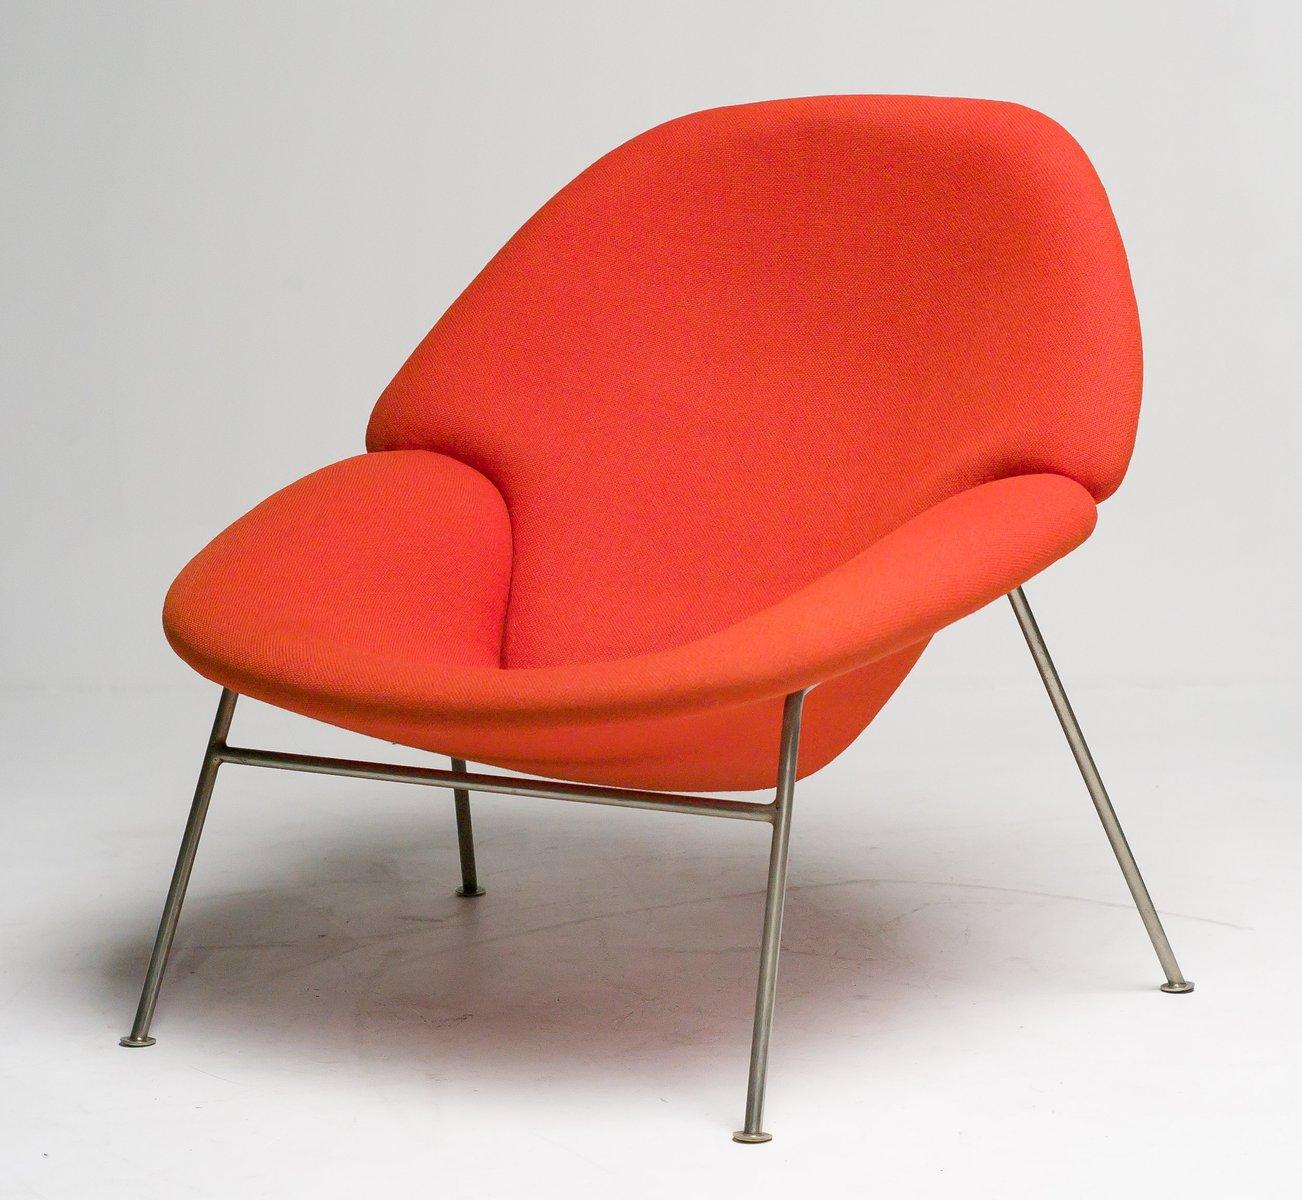 vintage f555 sessel von pierre paulin f r artifort bei pamono kaufen. Black Bedroom Furniture Sets. Home Design Ideas